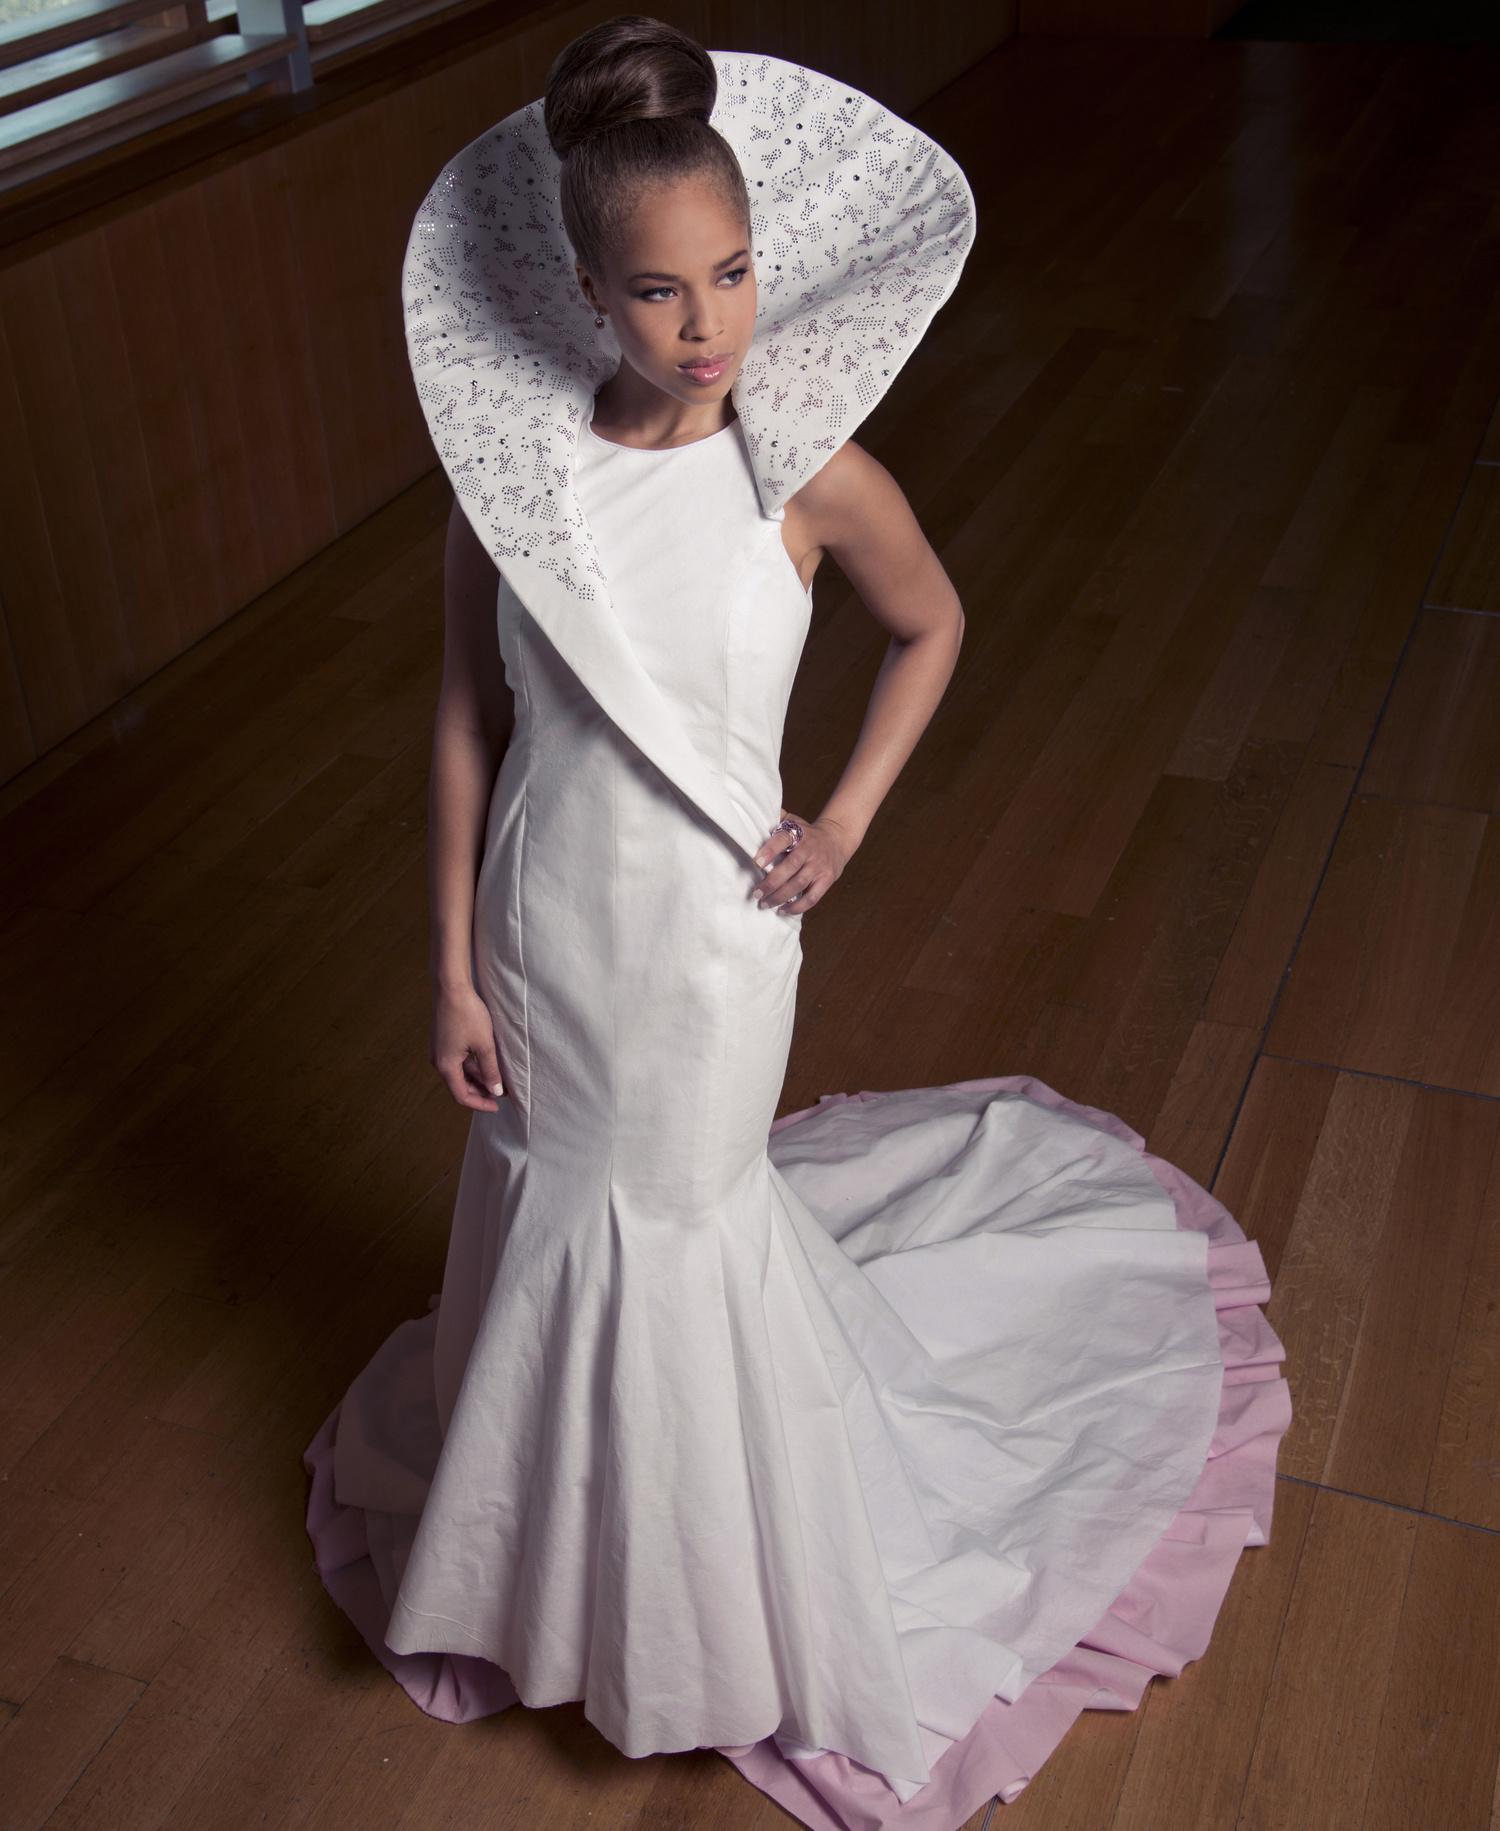 White-Cashmere-Collection-2013-MICALLA-by-Camilla-Jorgensen-Photographer-Caitlin-Cronenberg.jpg